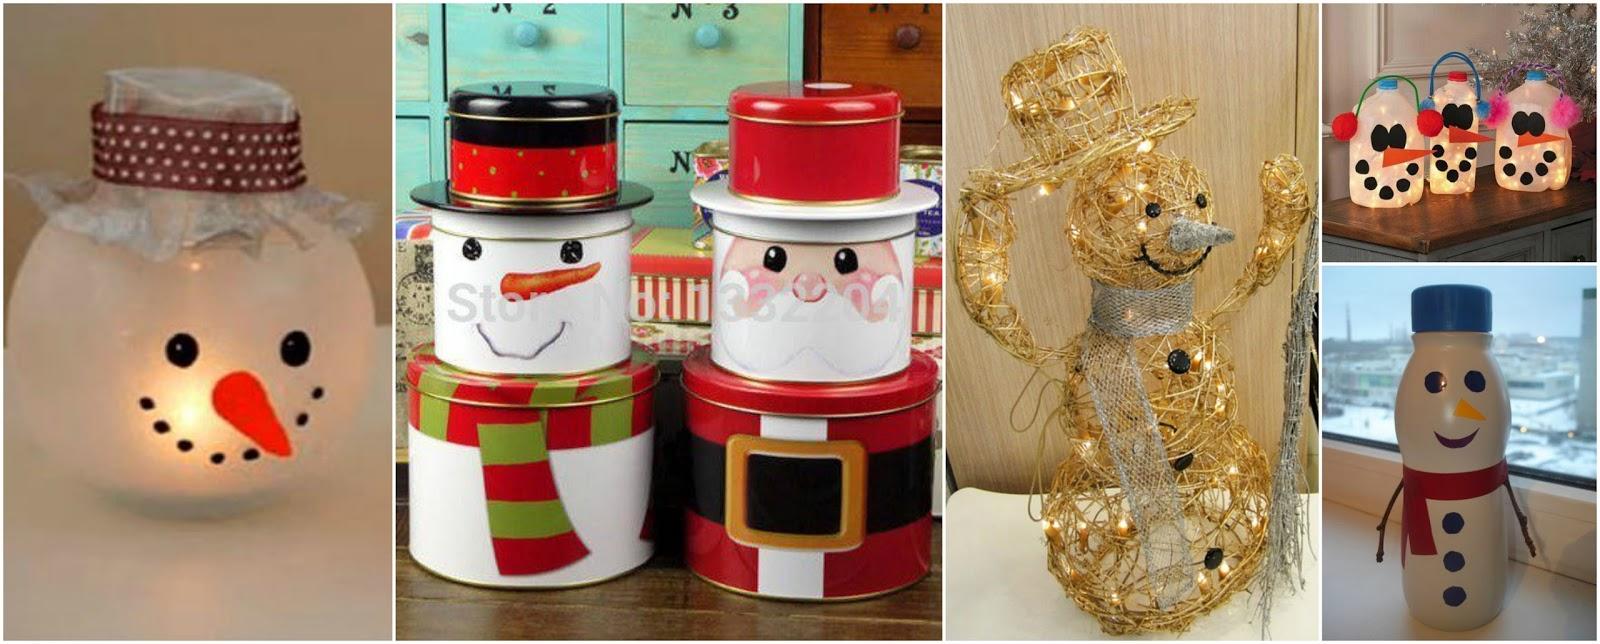 Las mejores ideas para decorar en navidad con muñecos de nieve ...